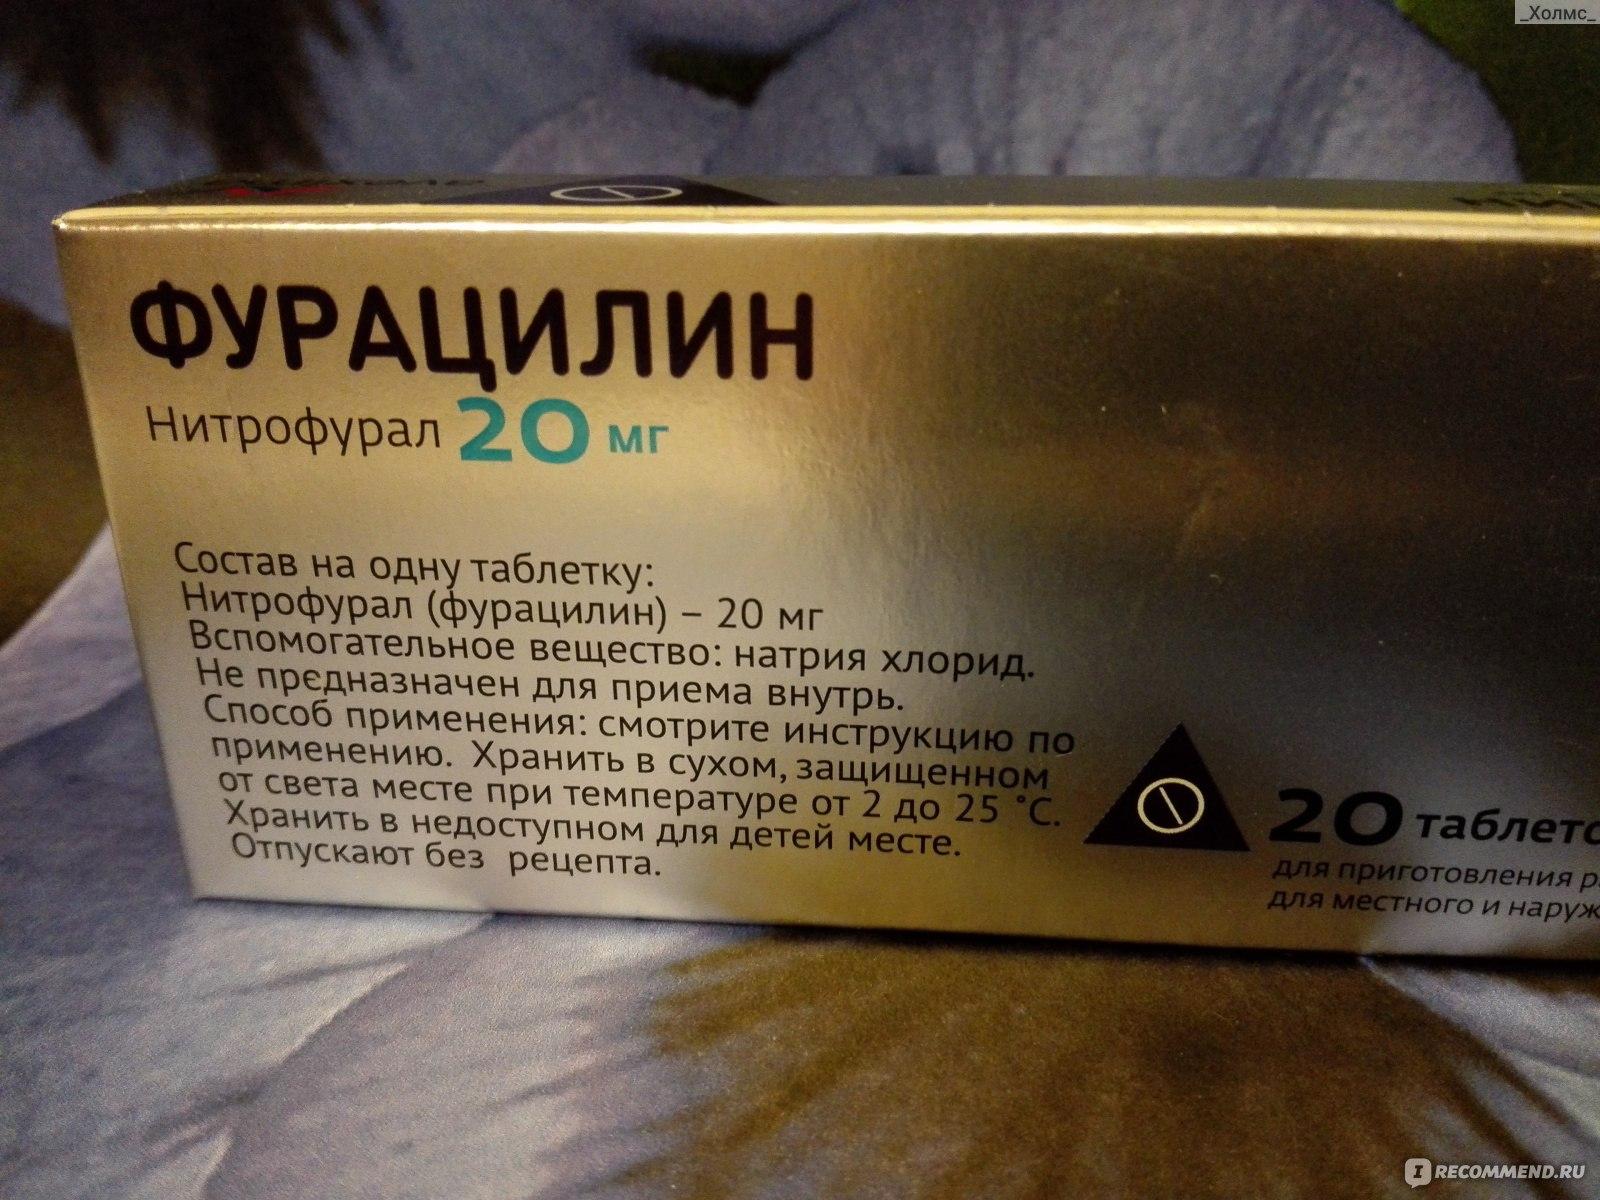 Использование Фуразолина для лечения инфекций мочевыводящих путей